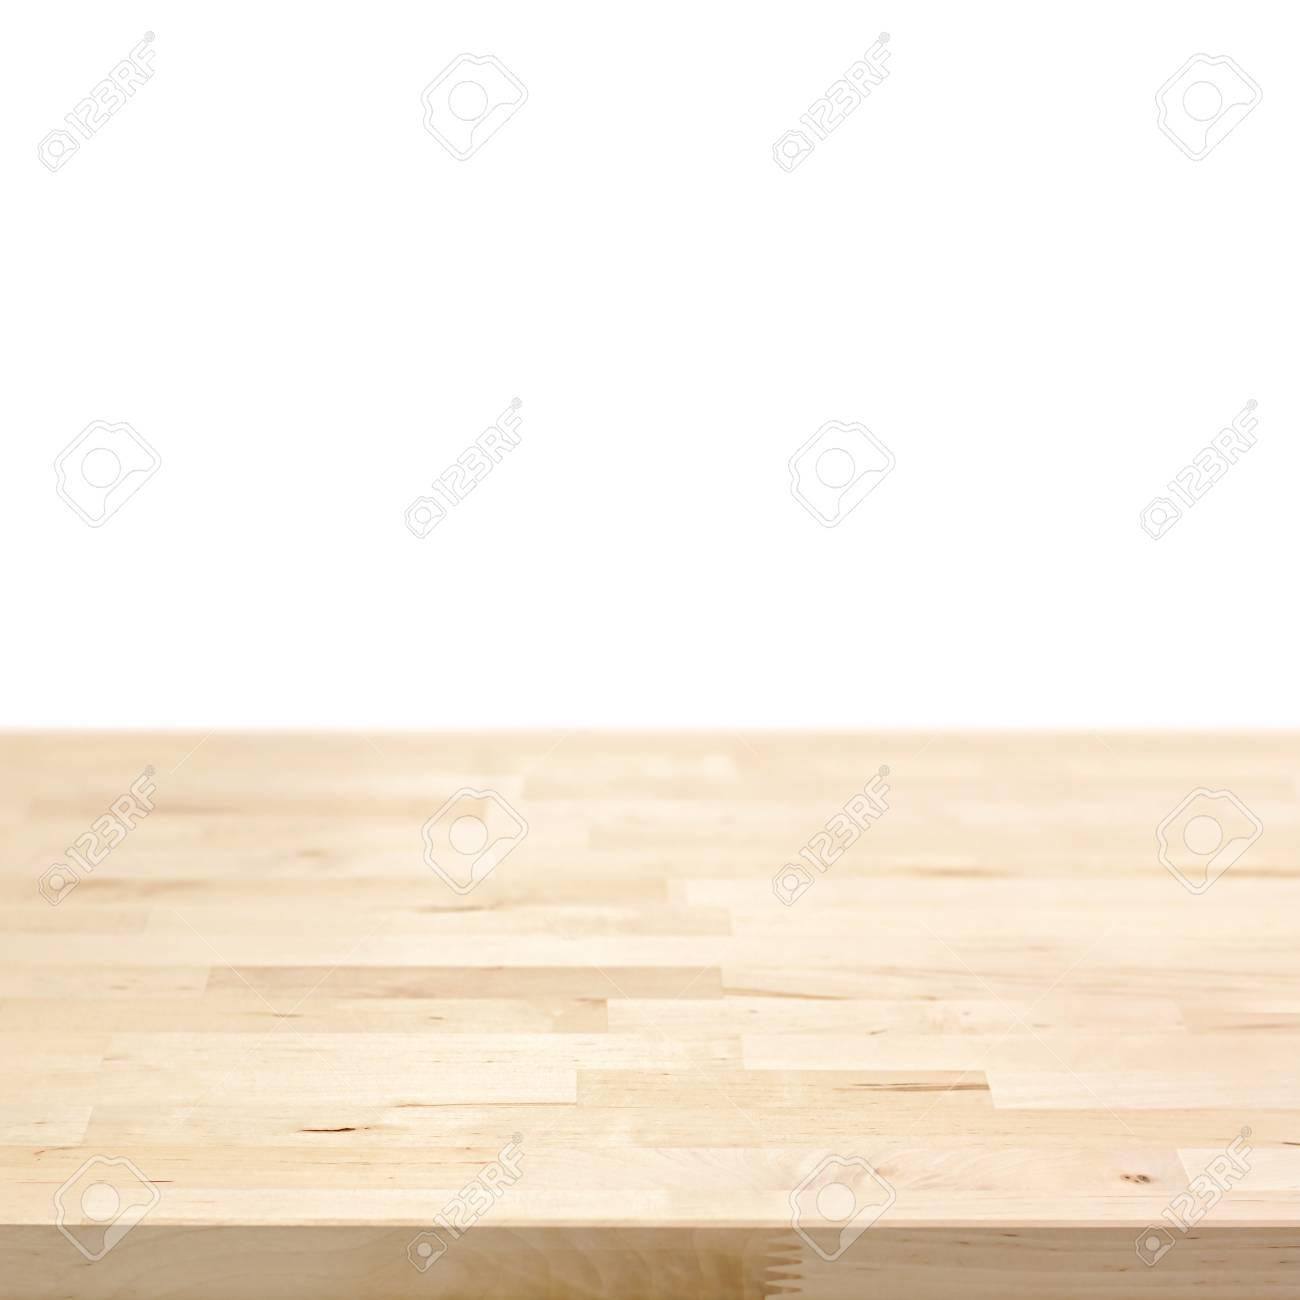 plateau de table en bois clair isole sur fond blanc peut etre utilise pour l affichage ou le montage de vos produits